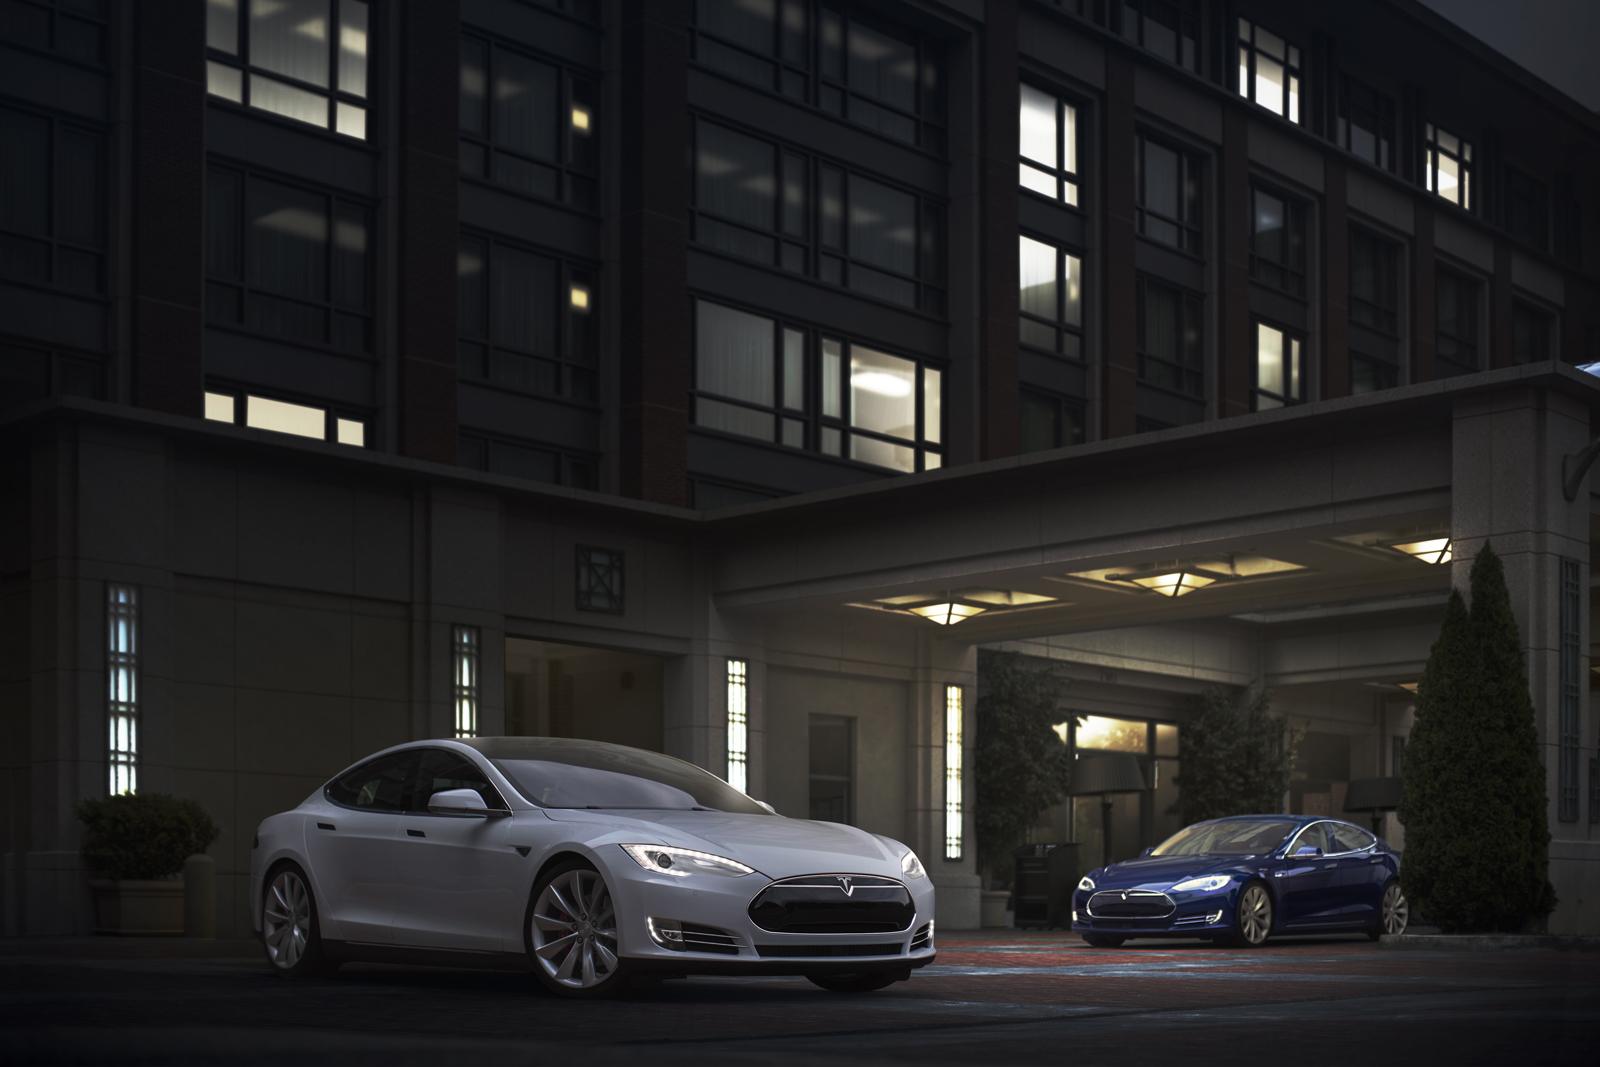 Photo Retouching-Tesla-Digital Imaging Group LLC